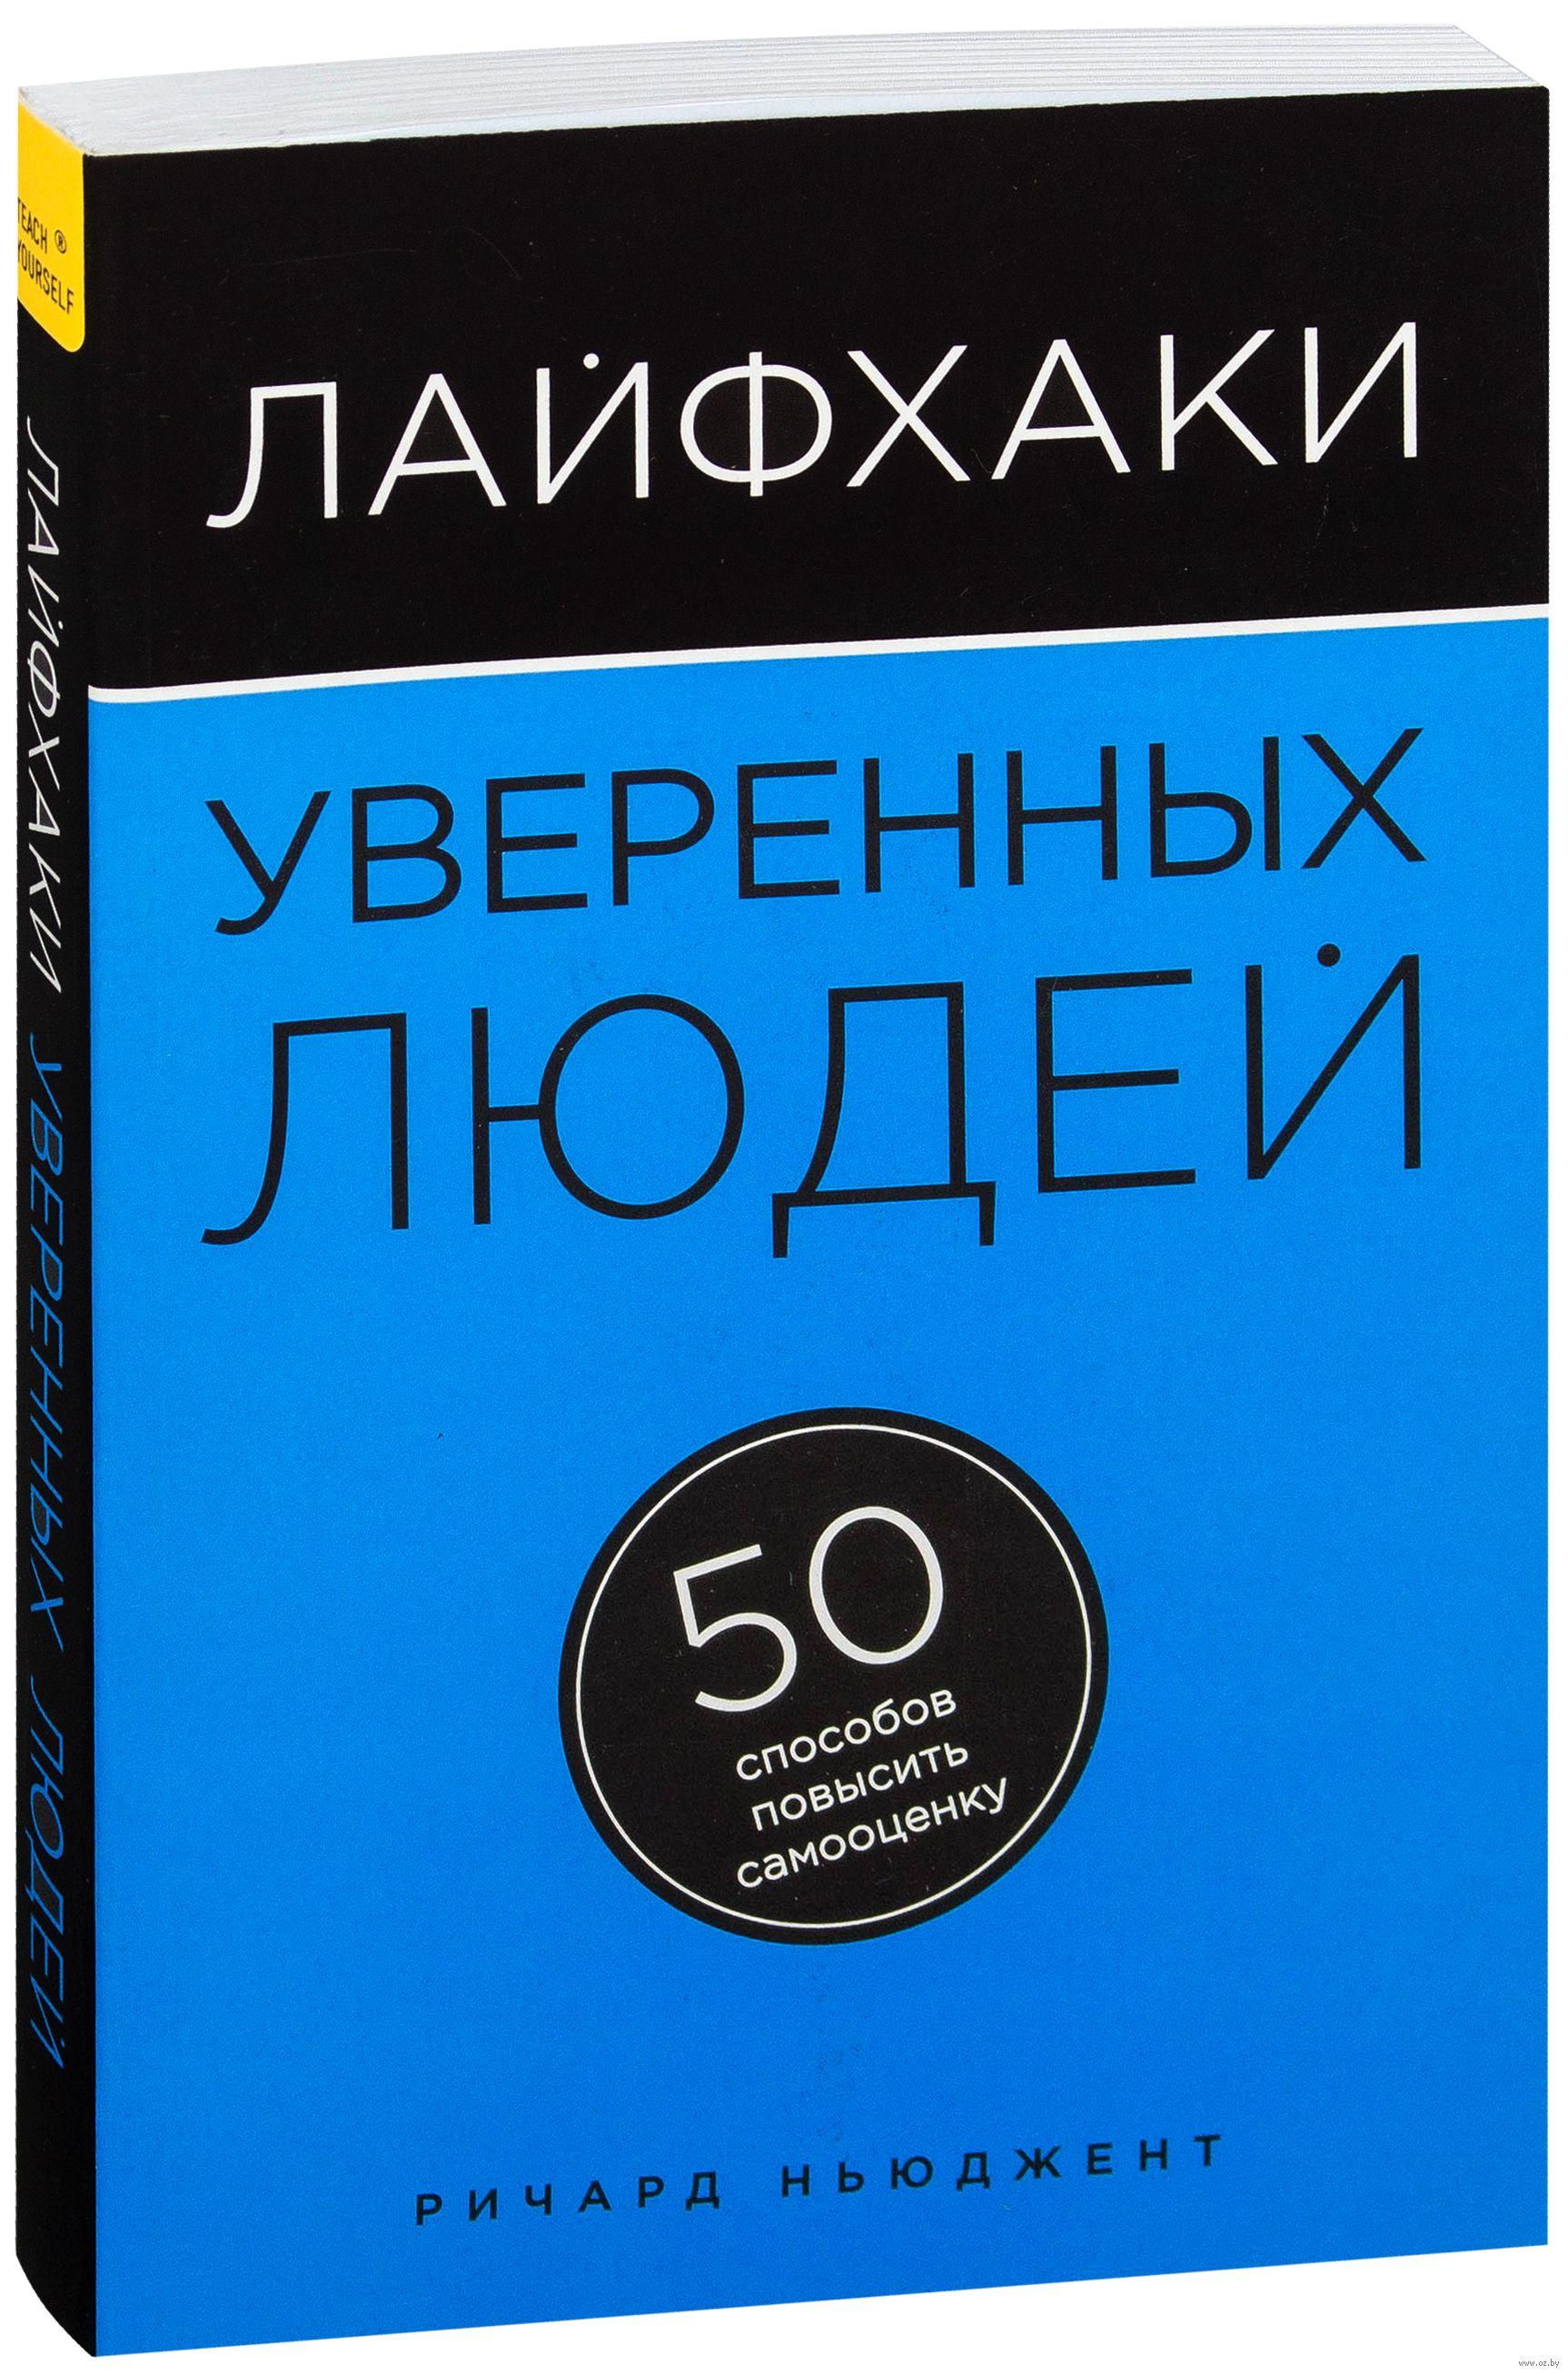 ЛАЙФХАКИ УВЕРЕННЫХ ЛЮДЕЙ 50 СПОСОБОВ ПОВЫСИТЬ САМООЦЕНКУ СКАЧАТЬ БЕСПЛАТНО